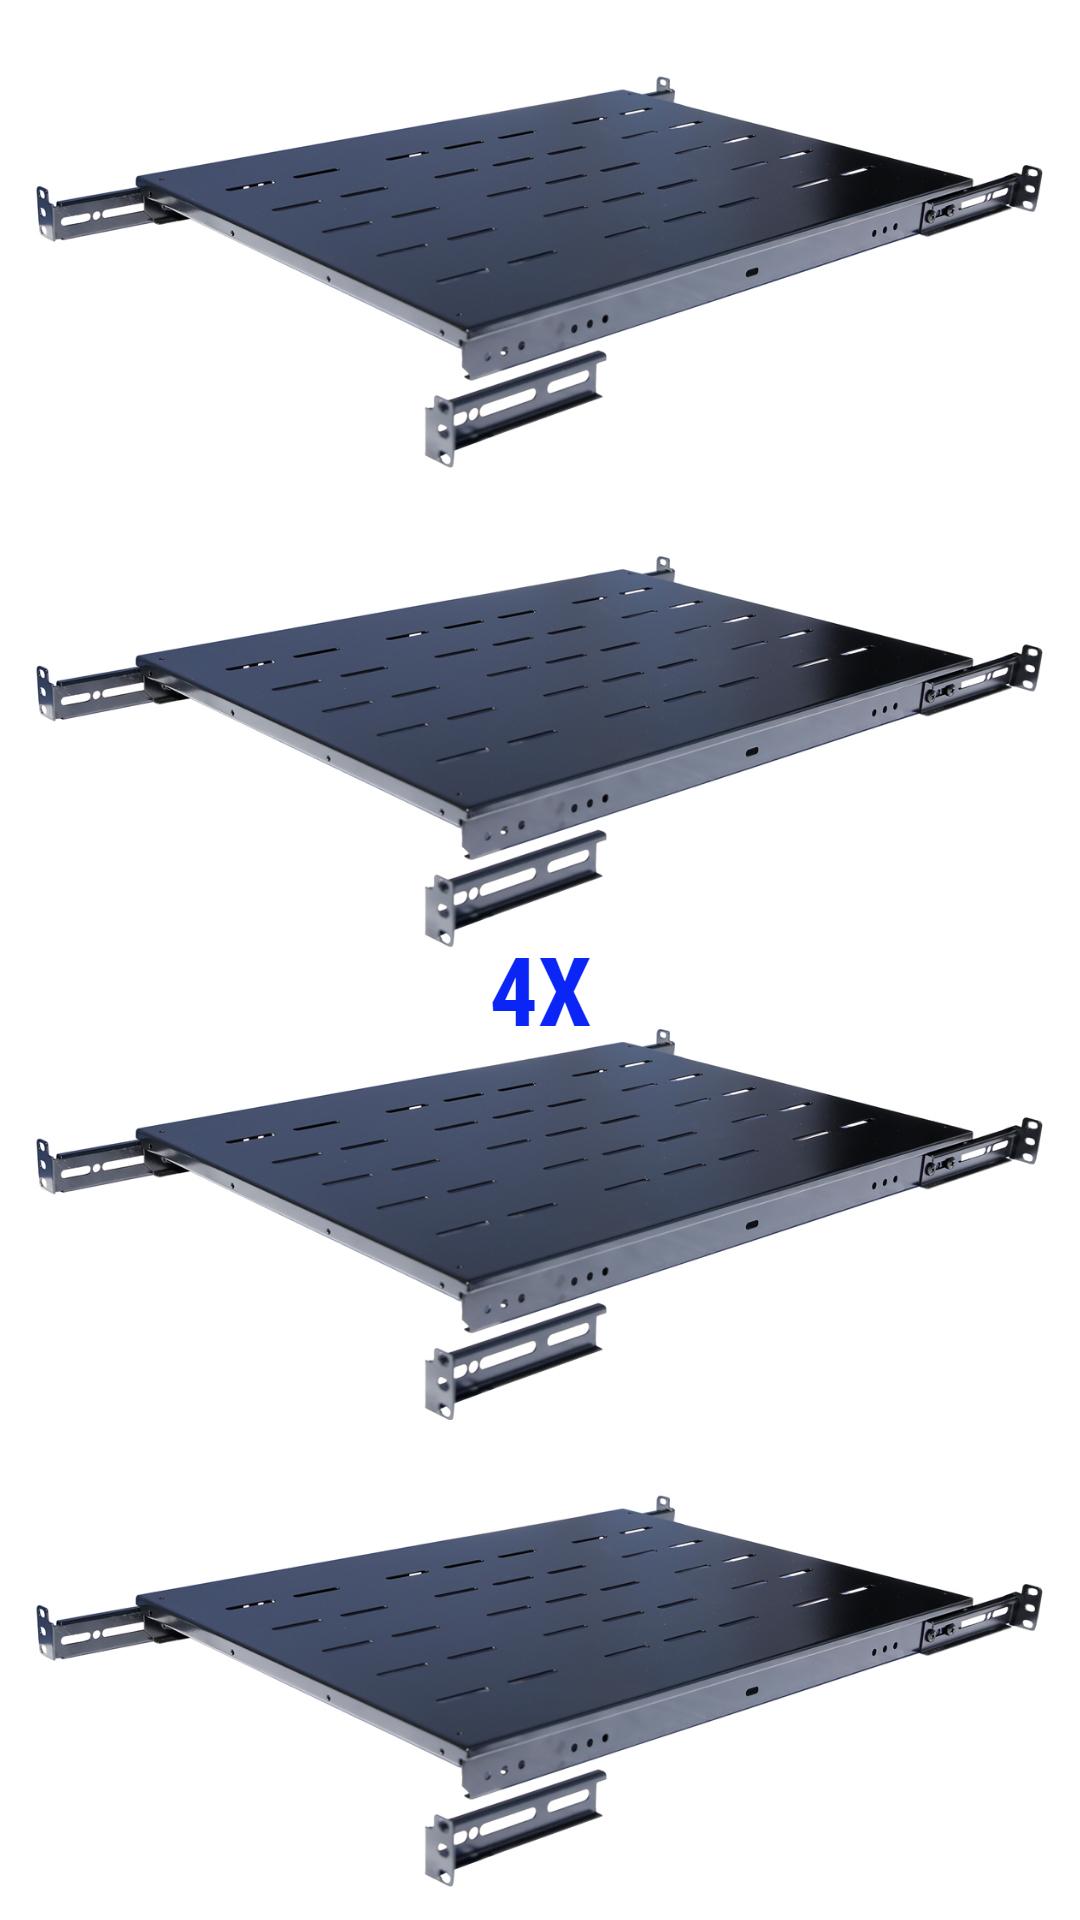 Details About 4pcs Fixed Rack Server Shelf 1u 19 Shelves Rack Mount Adjustable 24 30 Depth